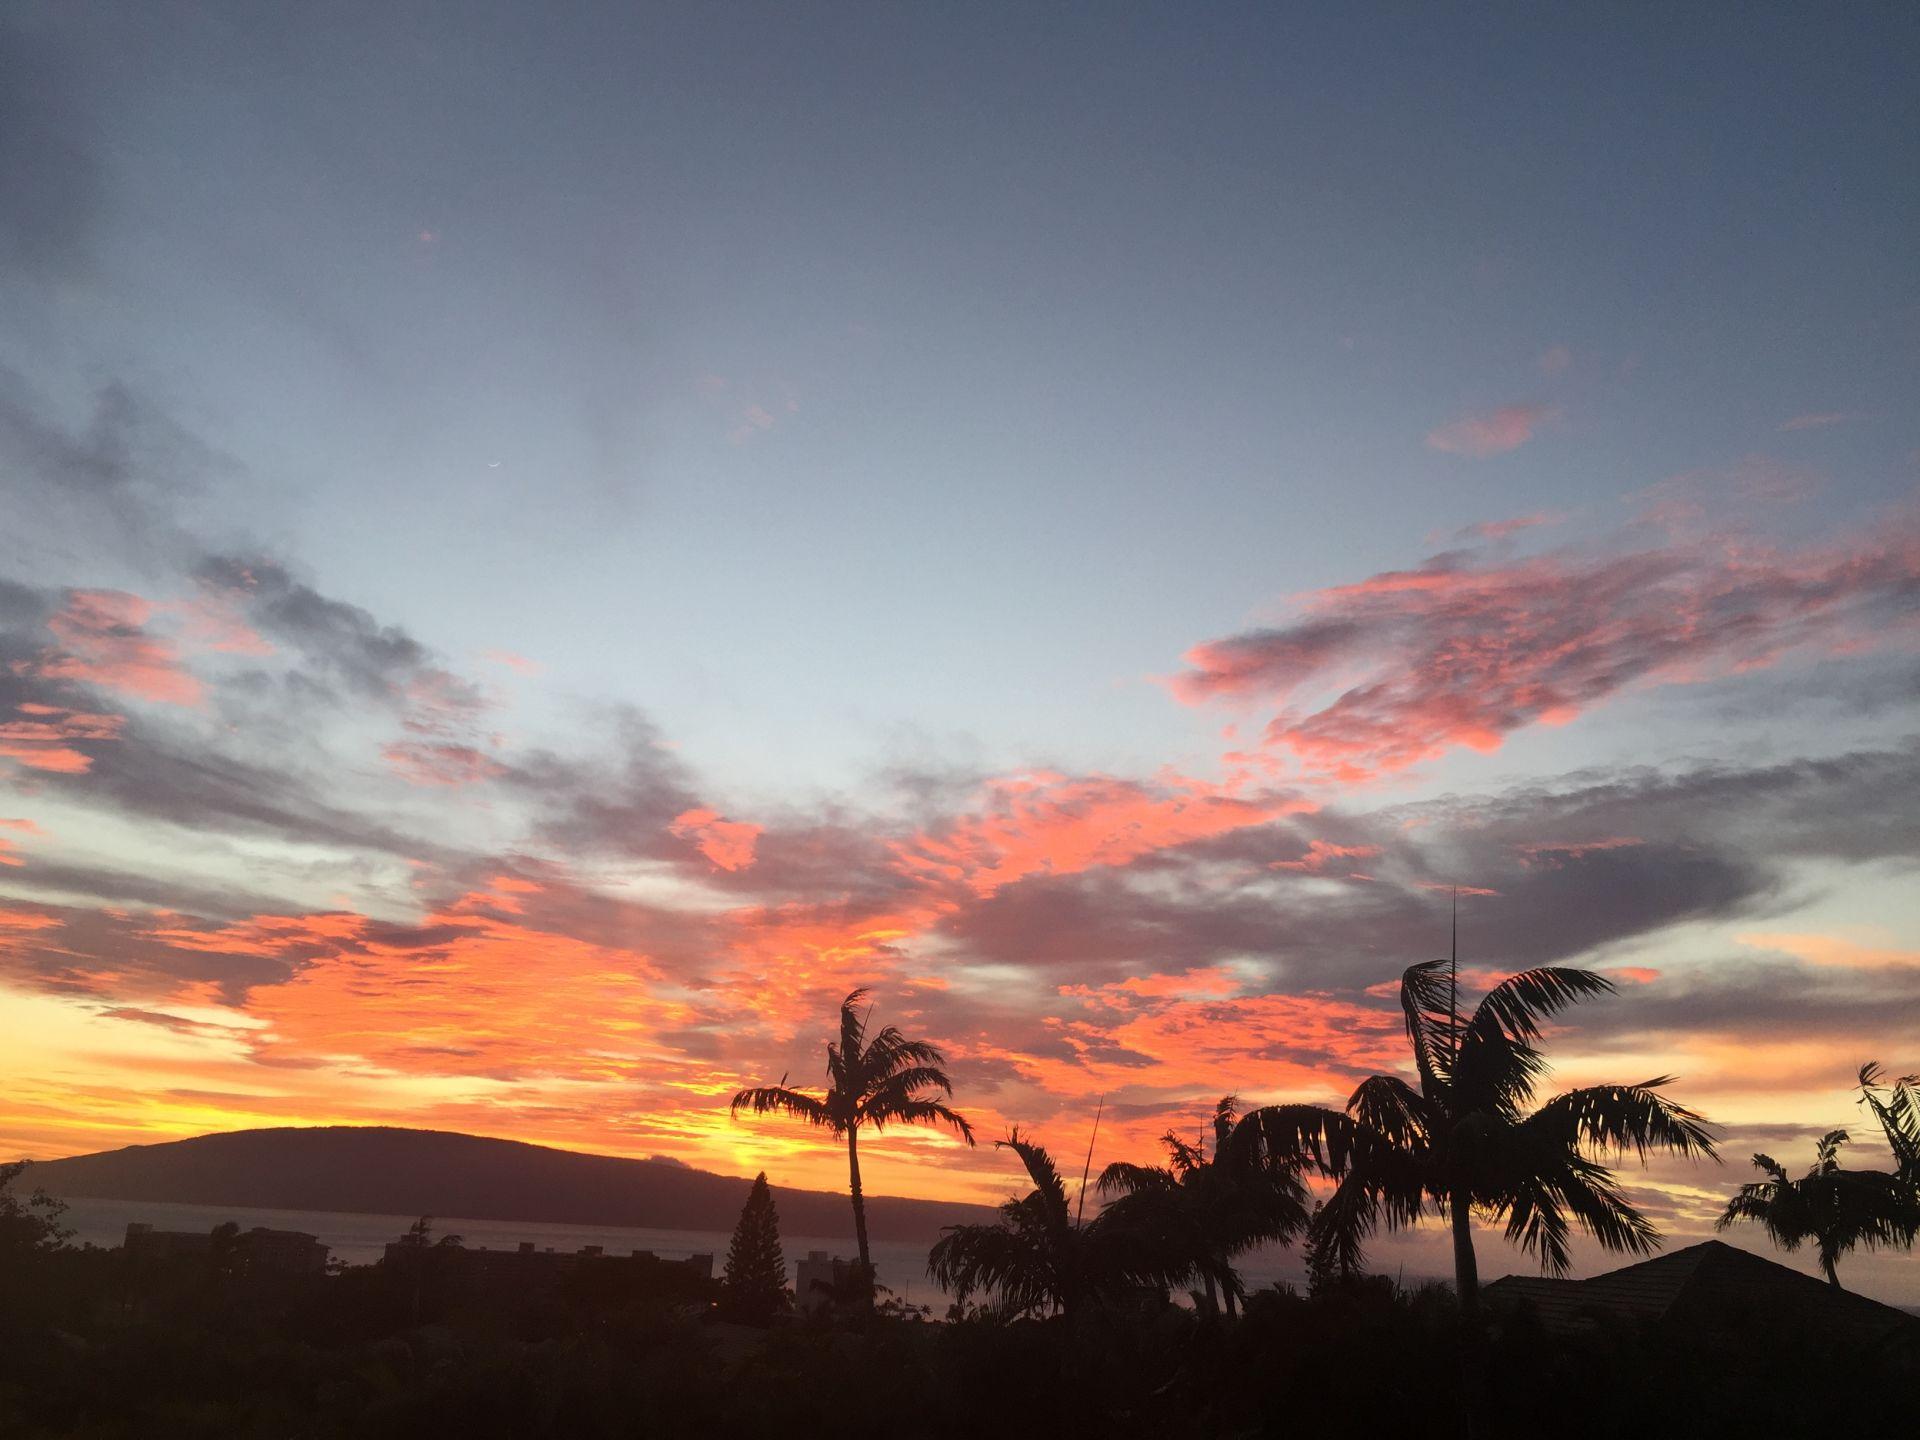 Summer has arrived on Maui